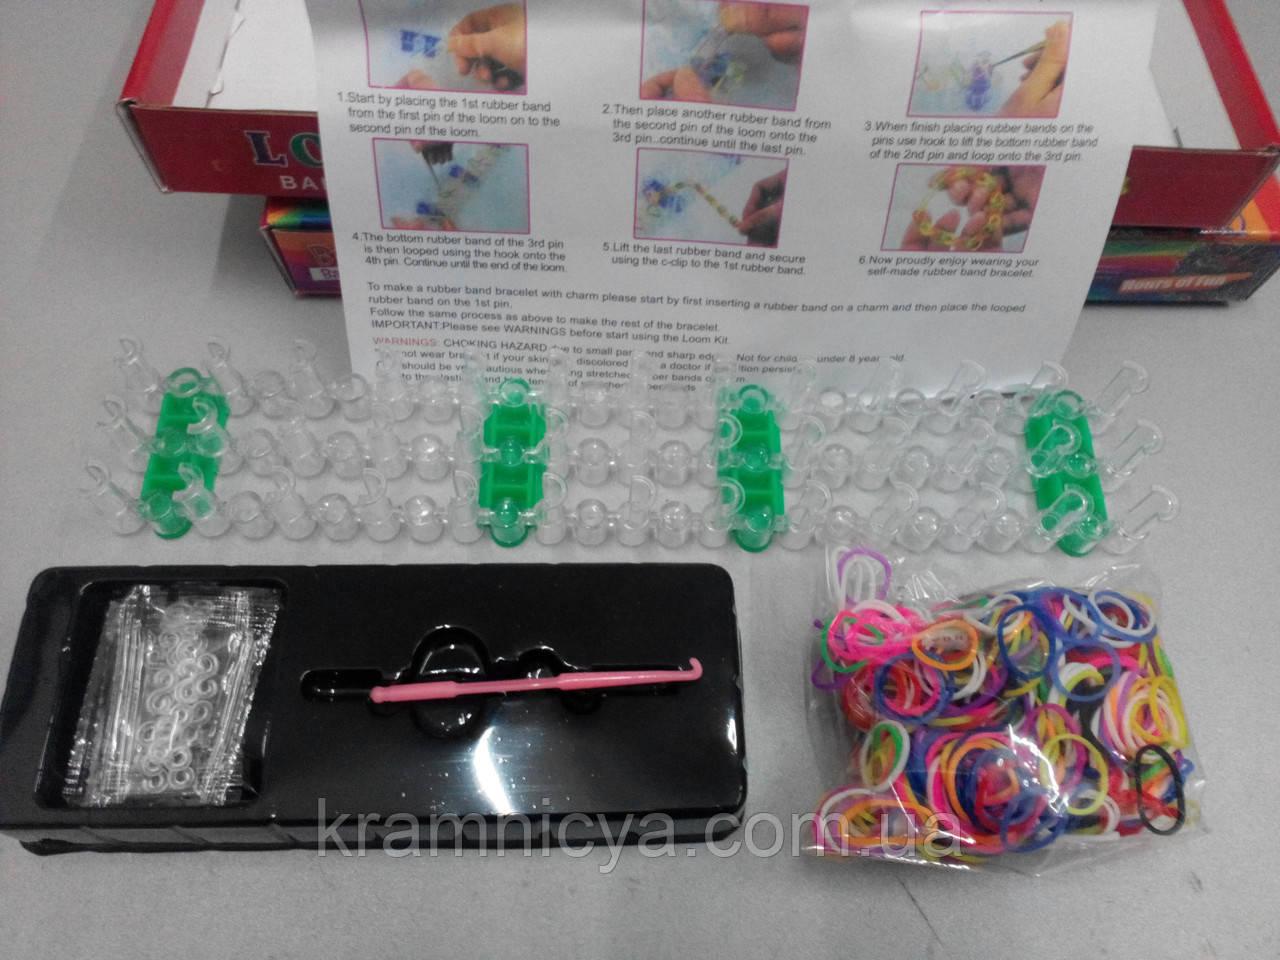 Набор со станком для плетения из резиночек Colorful Loom Bands (600 резиночек, аксессуары)